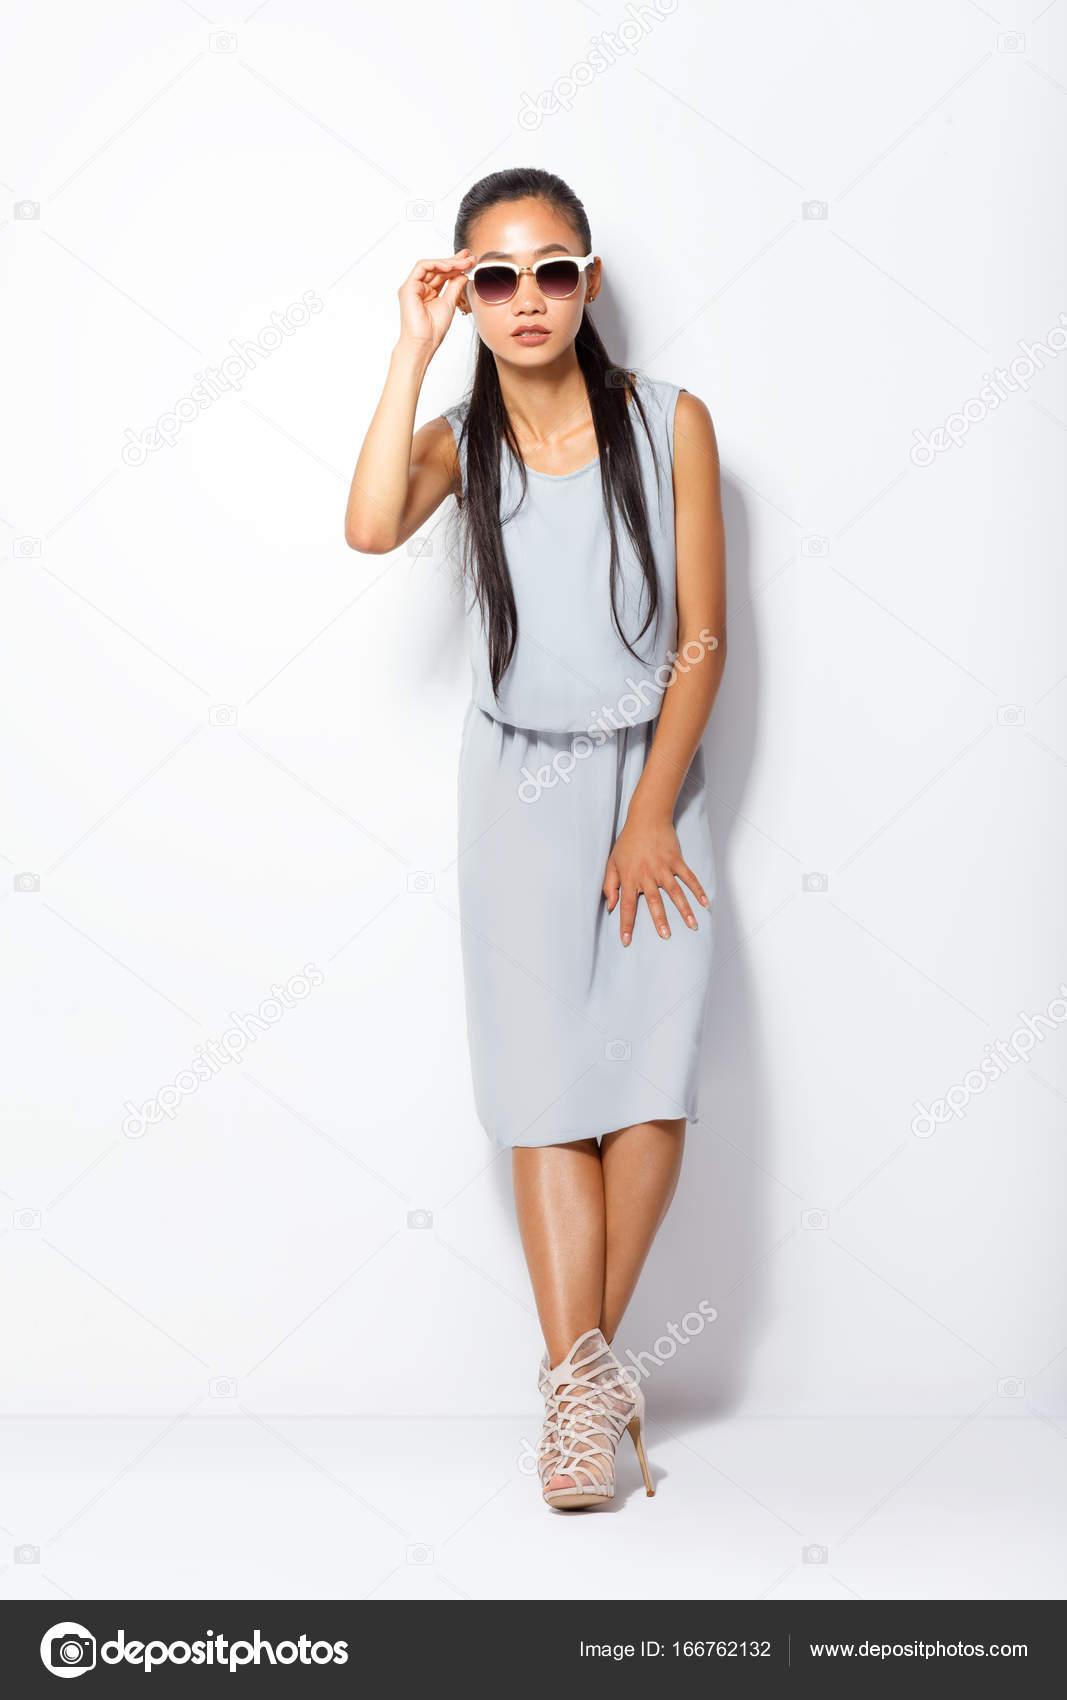 Sol ropa de mujer